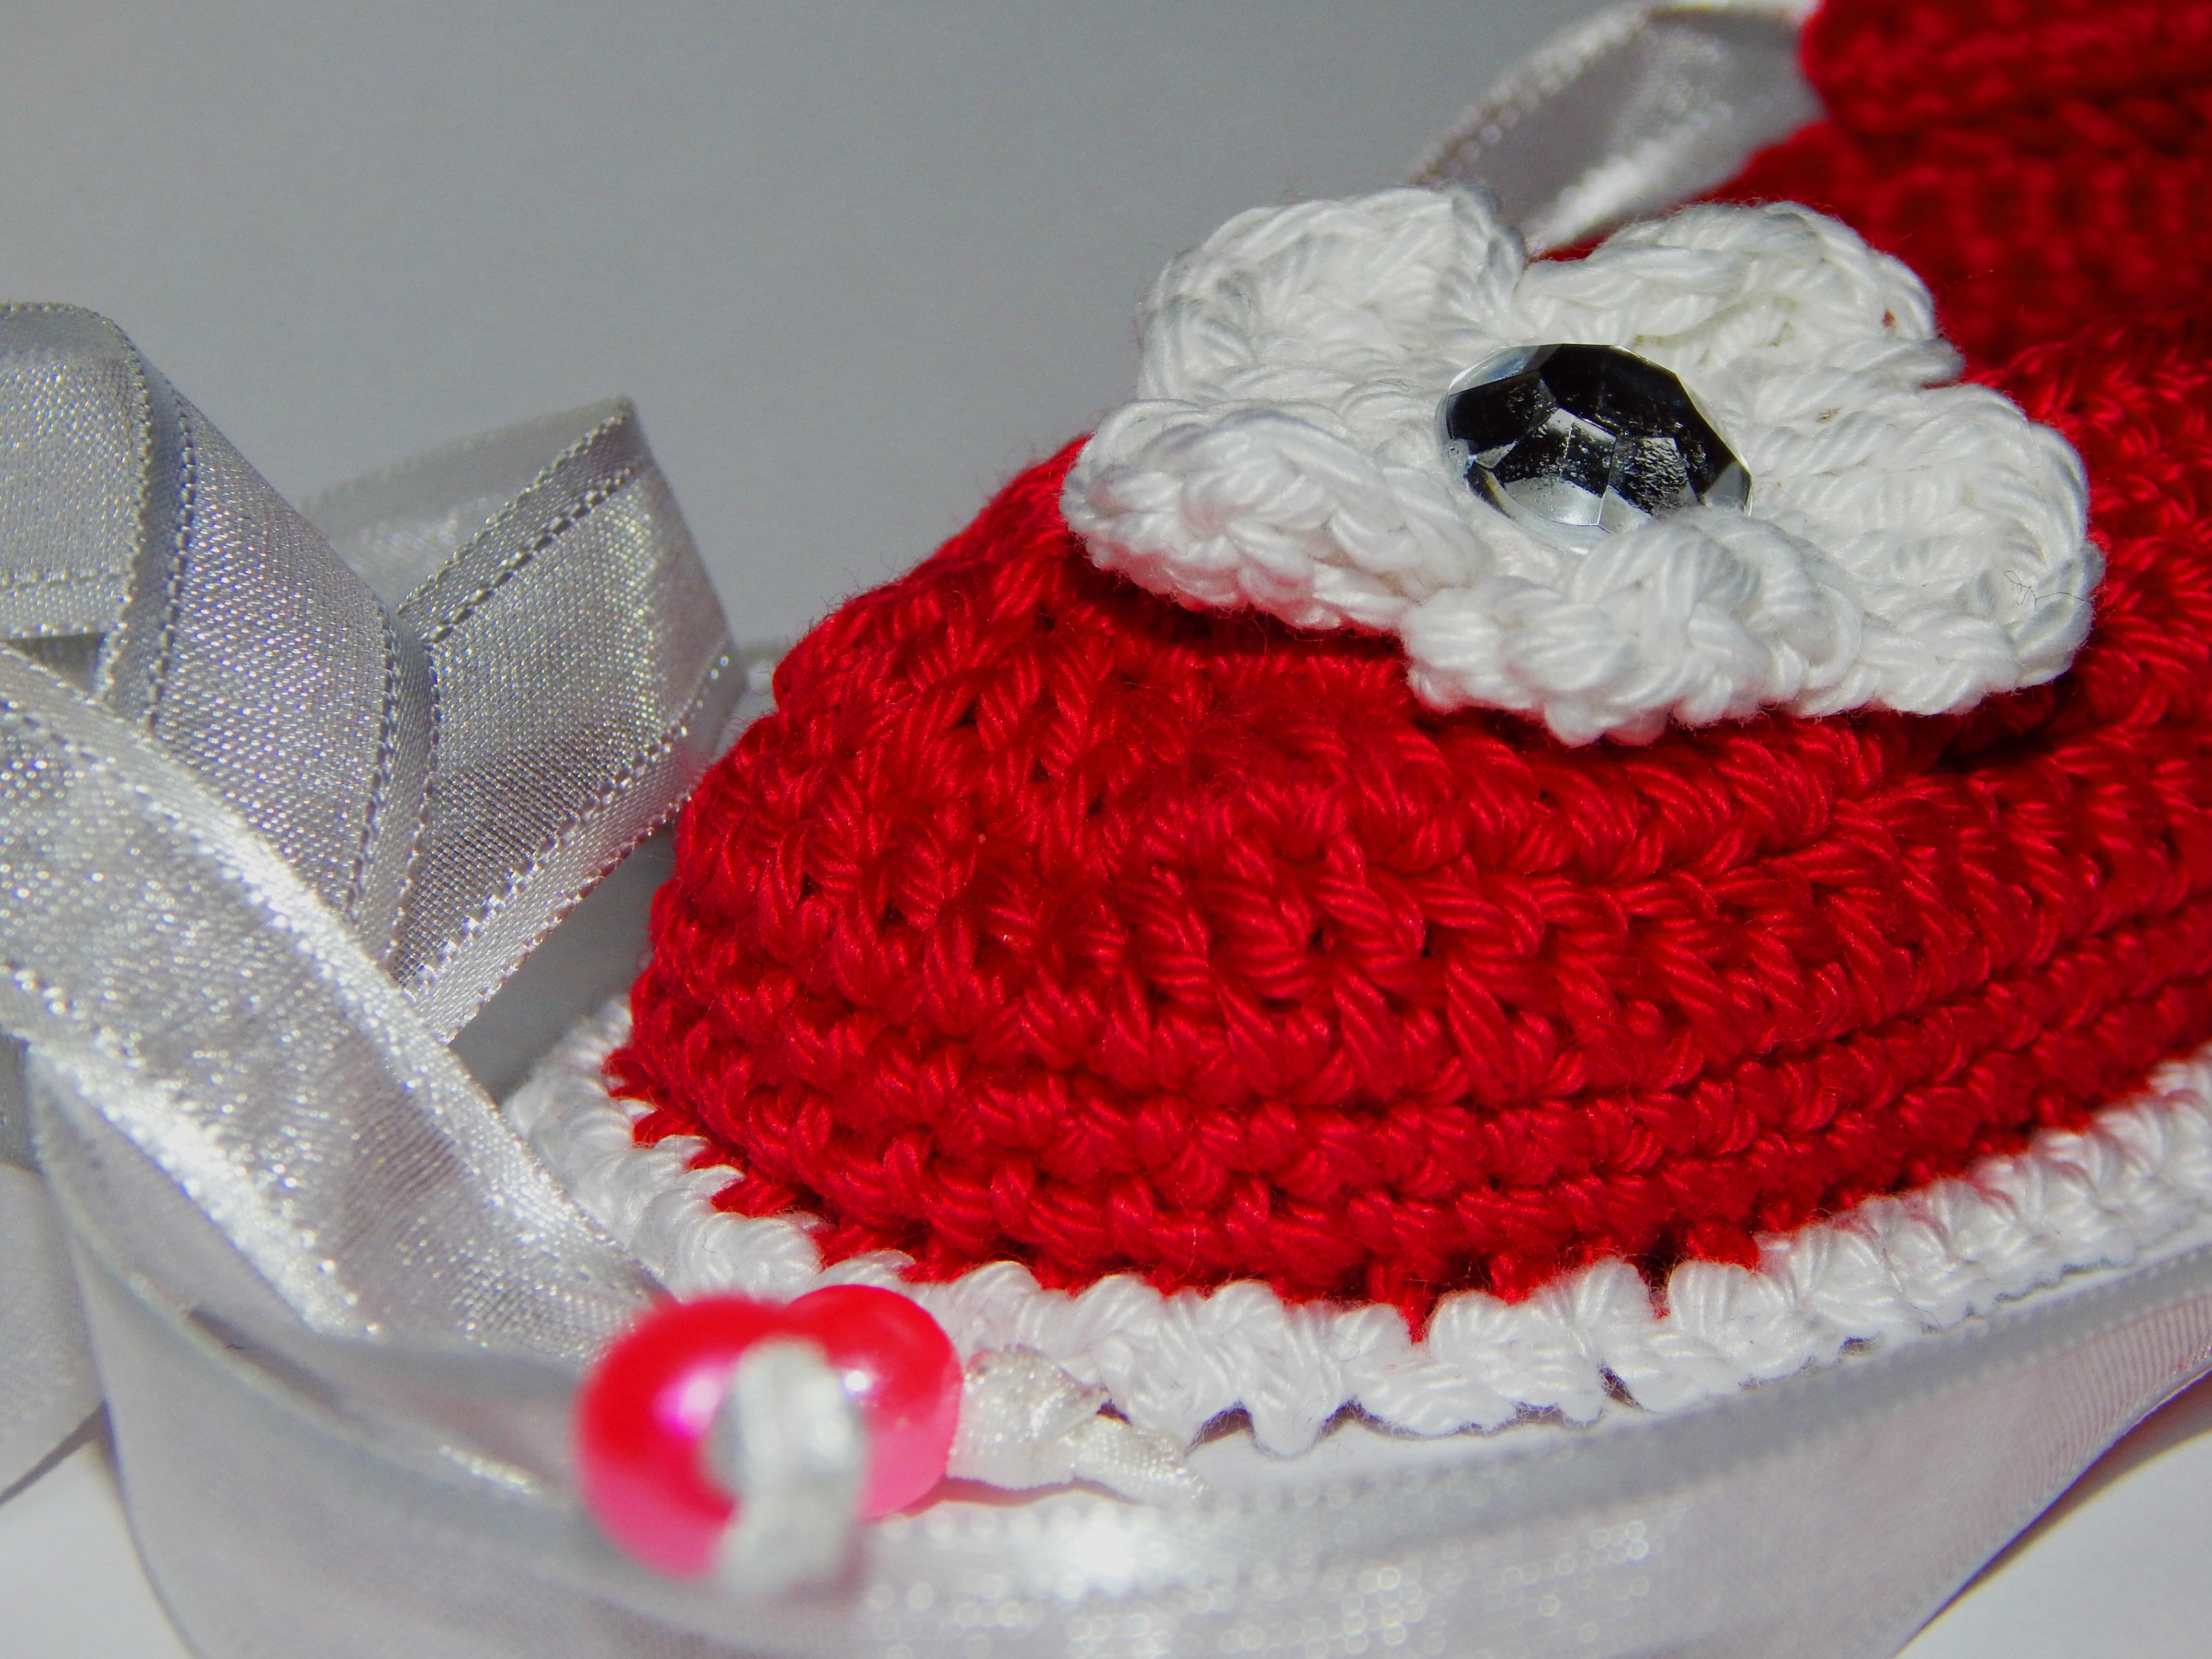 Fotos gratis : zapato, blanco, flor, linda, comida, rojo, rosado ...